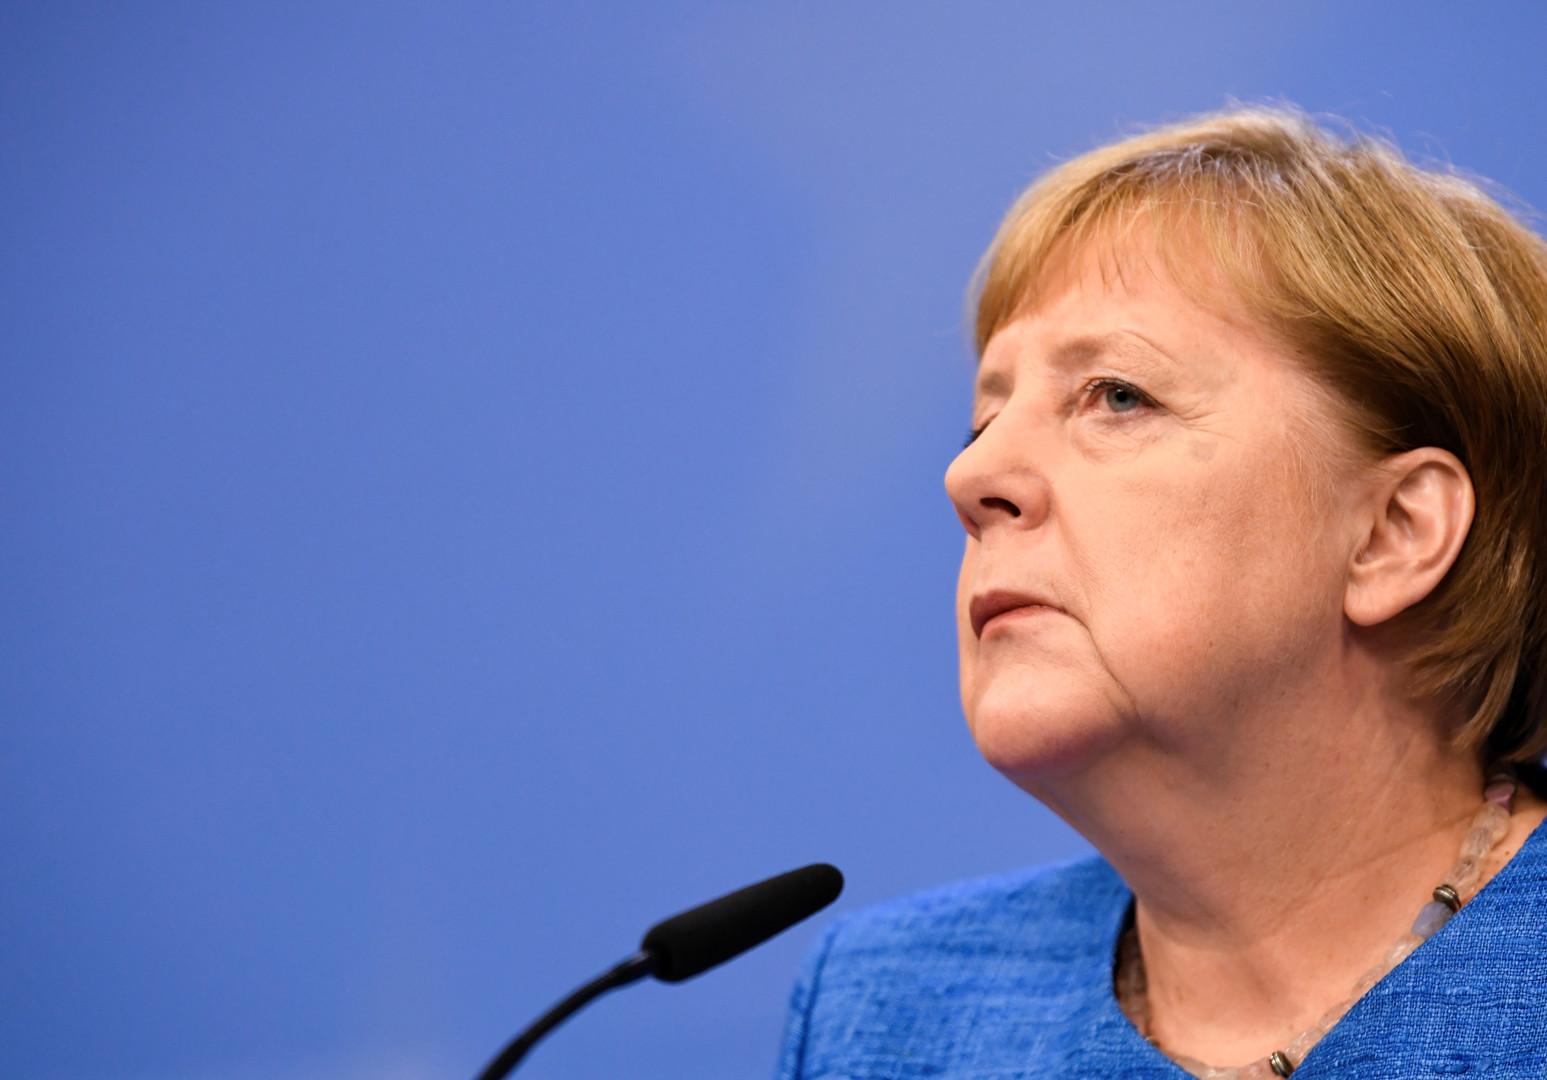 ألمانيا ترحب بقرار ترامب الامتناع عن ضرب إيران وتدعو للتسوية السلمية